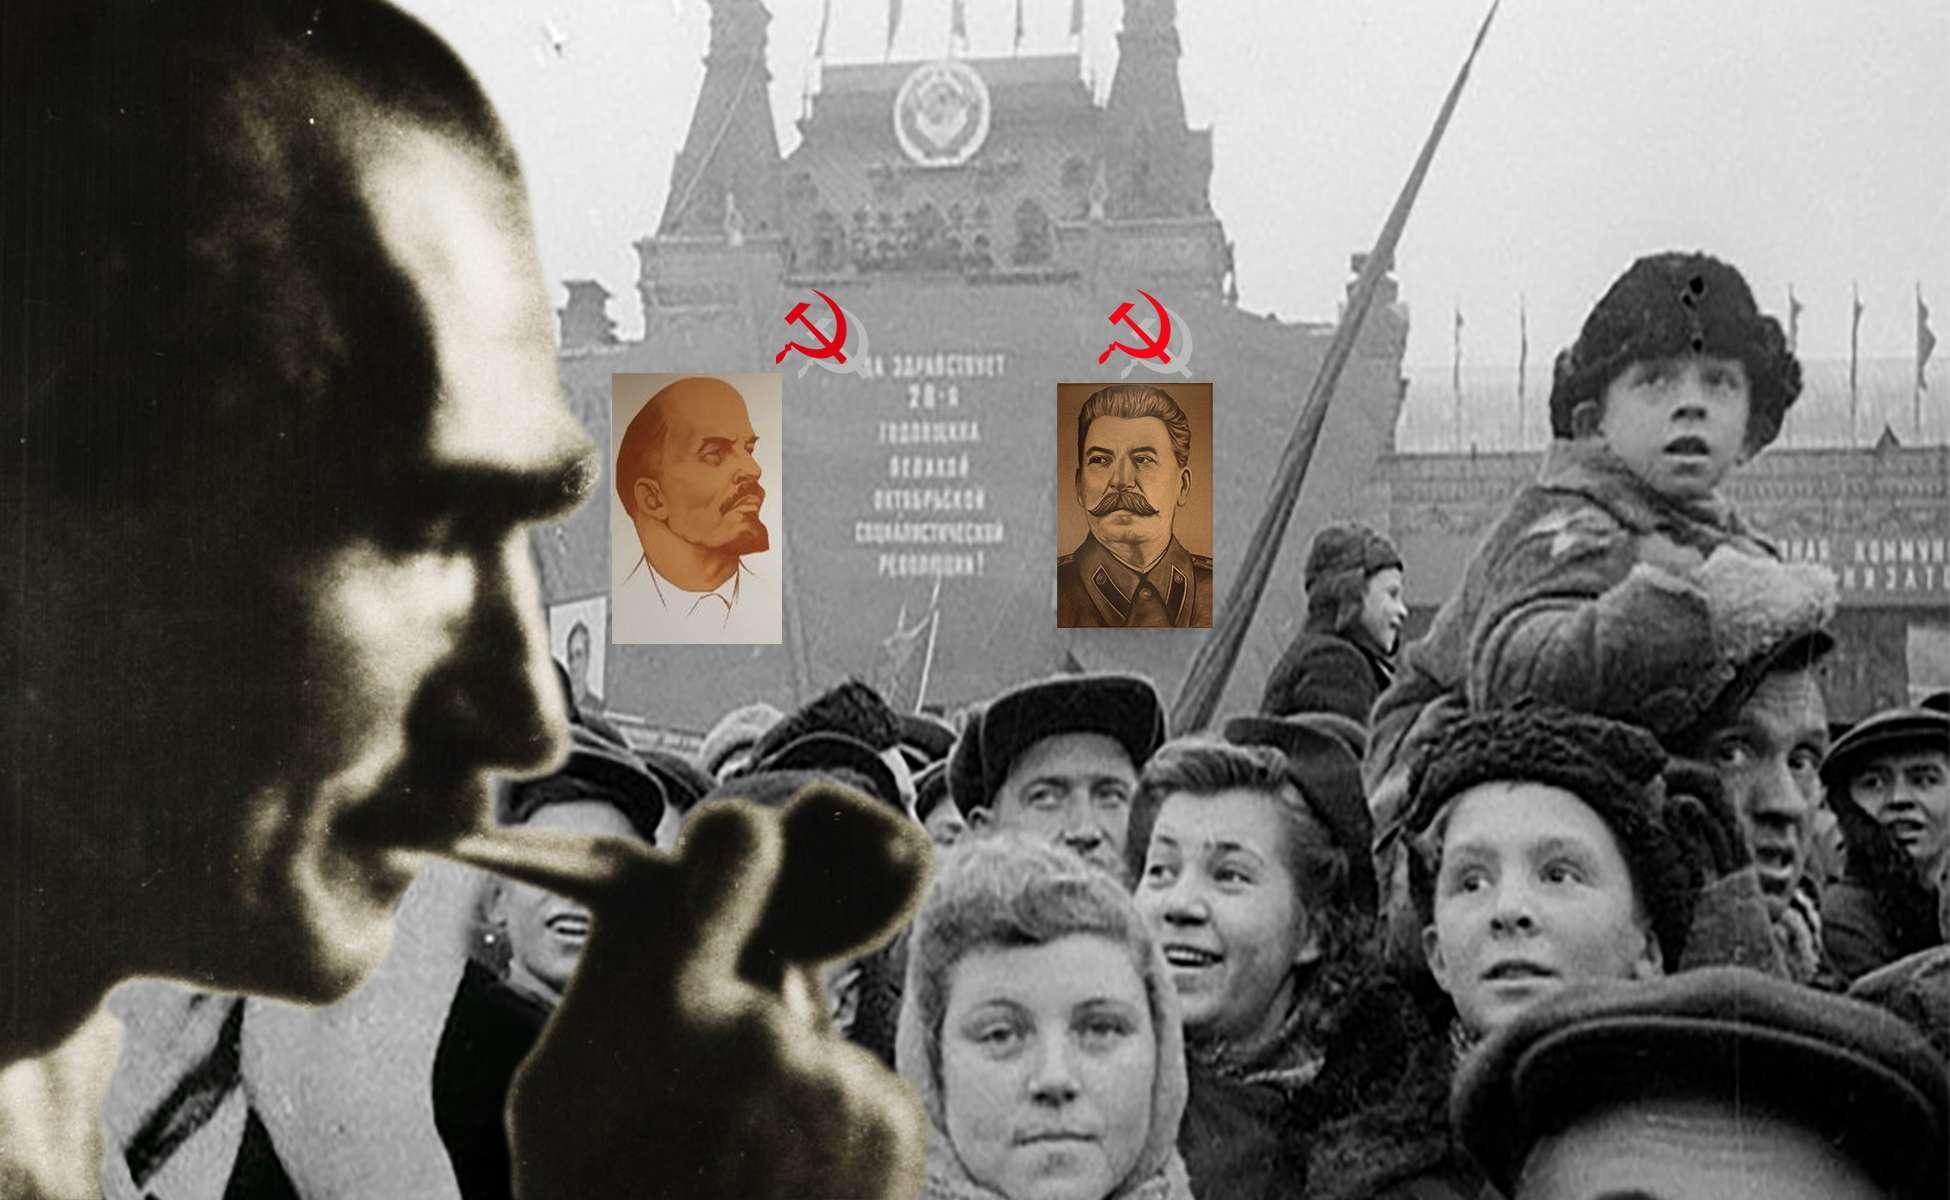 Καζαντζάκης ΕΣΣΔ CCCP